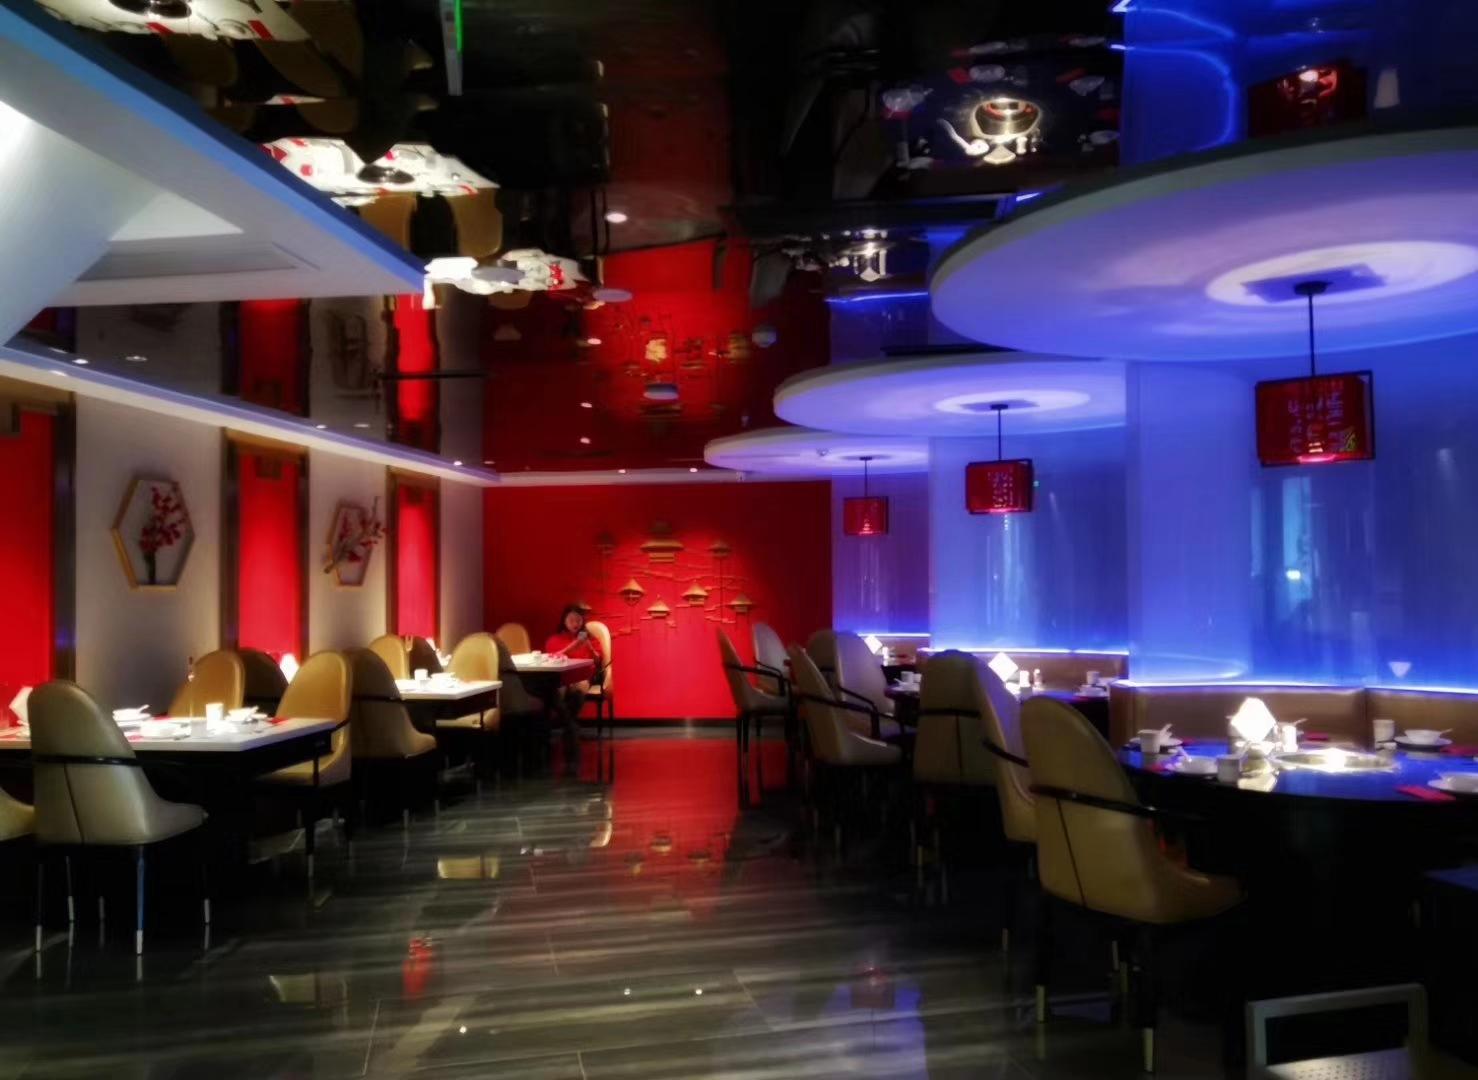 为什么说灯光是餐饮设计的重要环节?